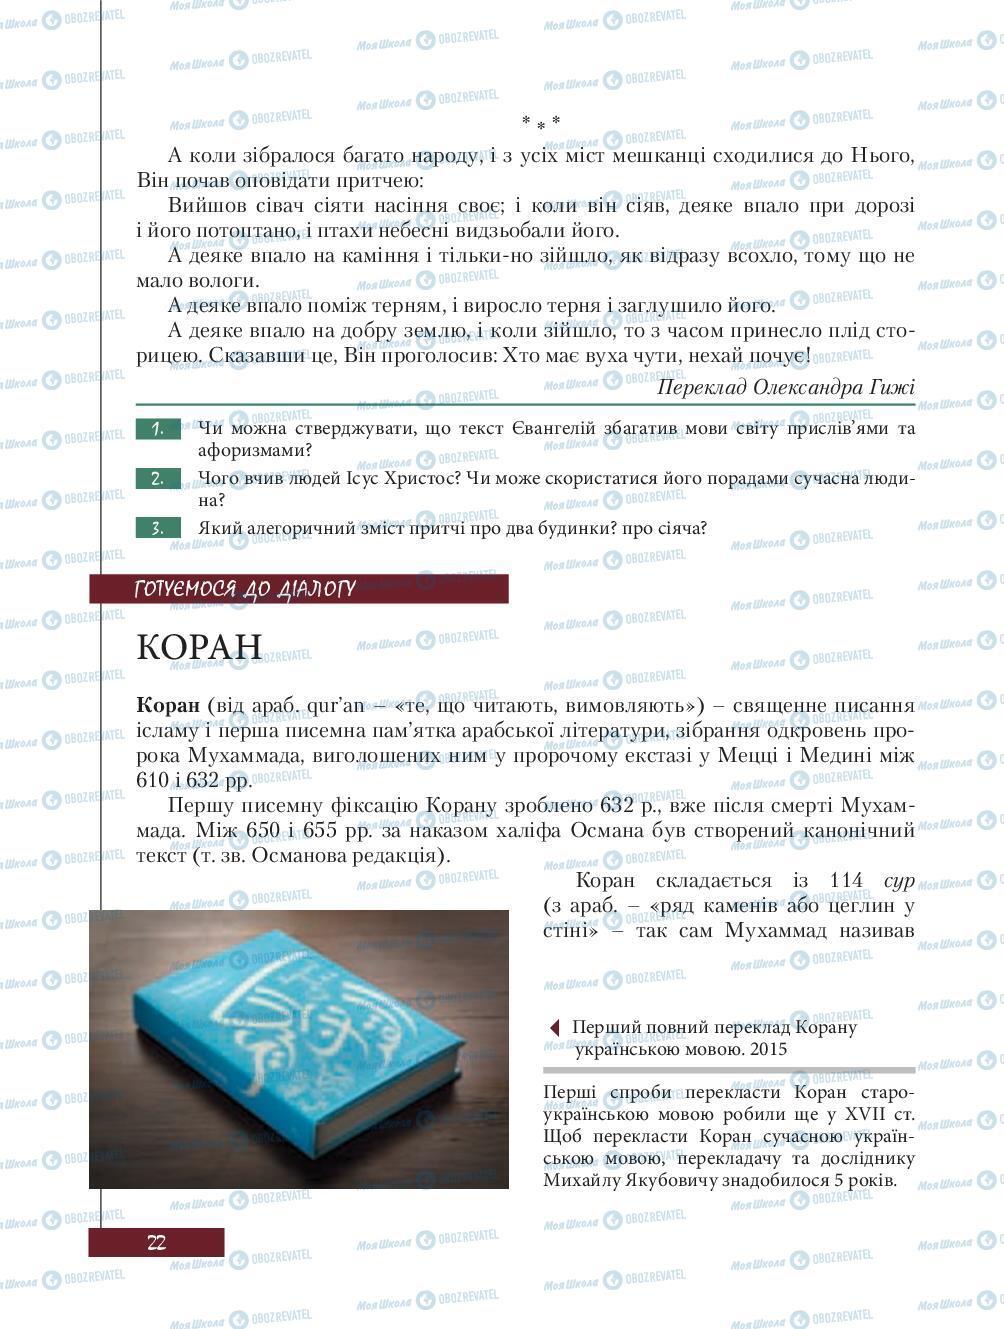 Підручники Зарубіжна література 8 клас сторінка  22